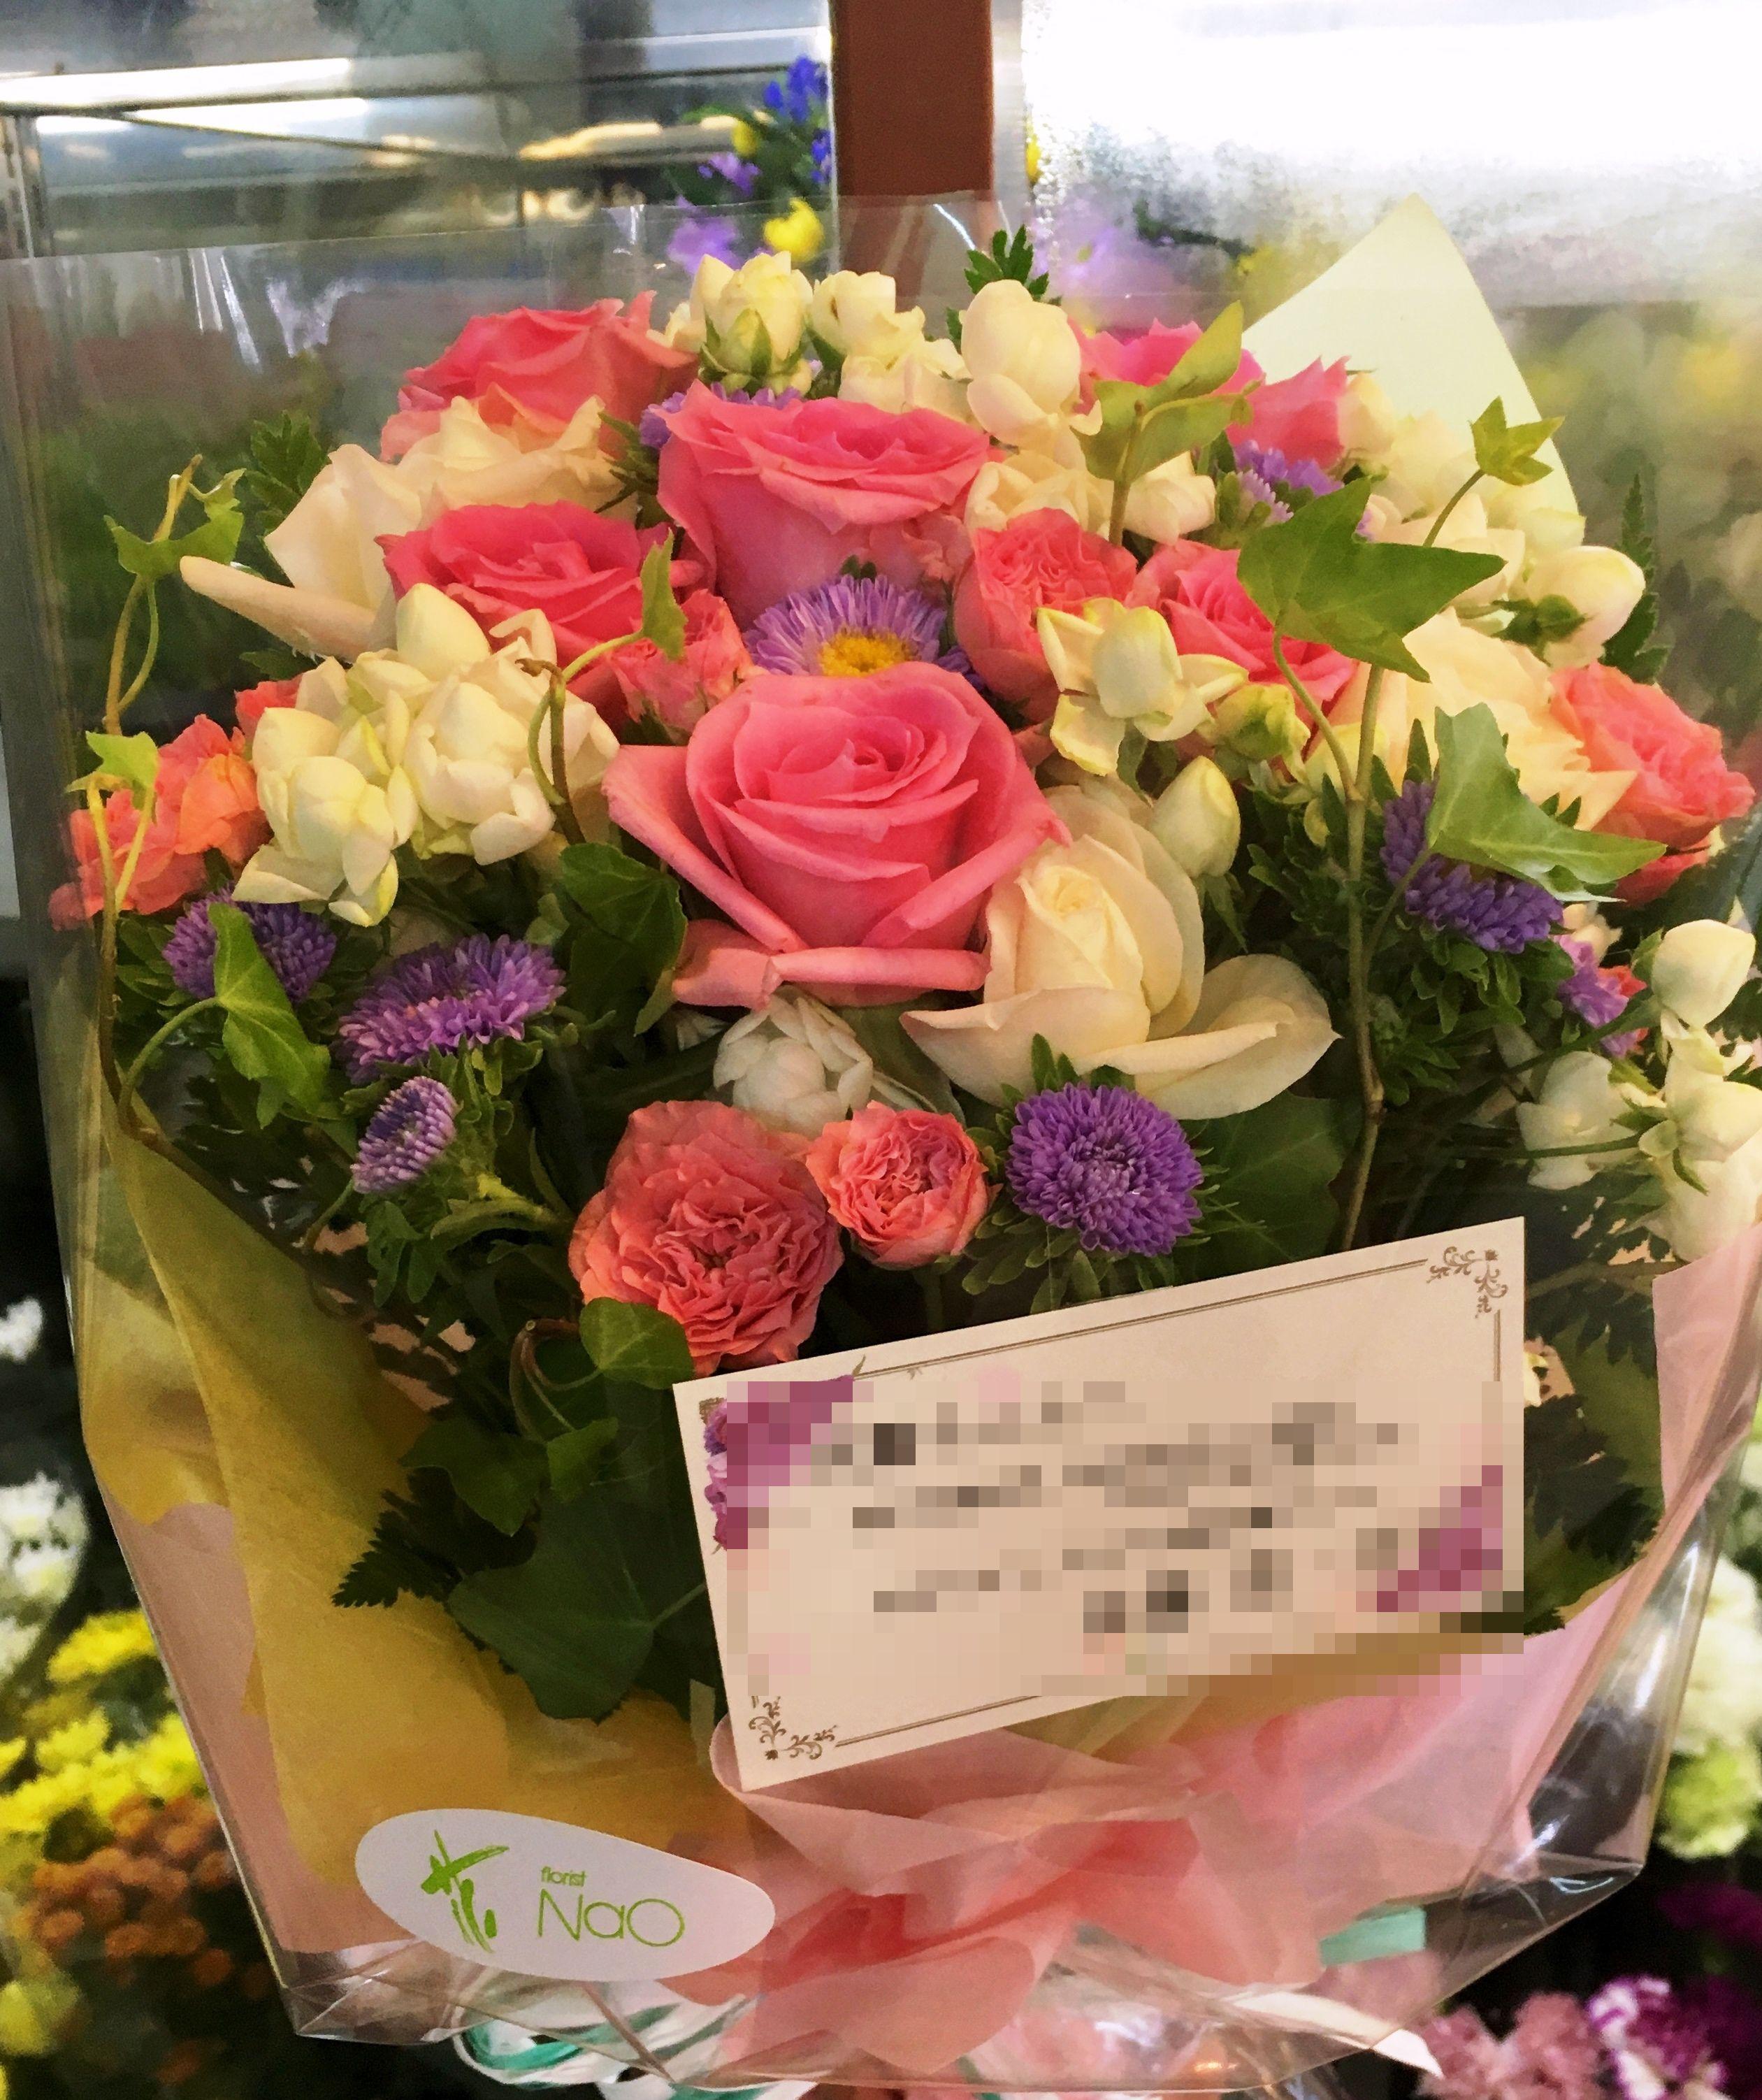 【ナオ花屋の納品事例92】横浜市関内住吉町の法人企業様へ花束を配達しました!